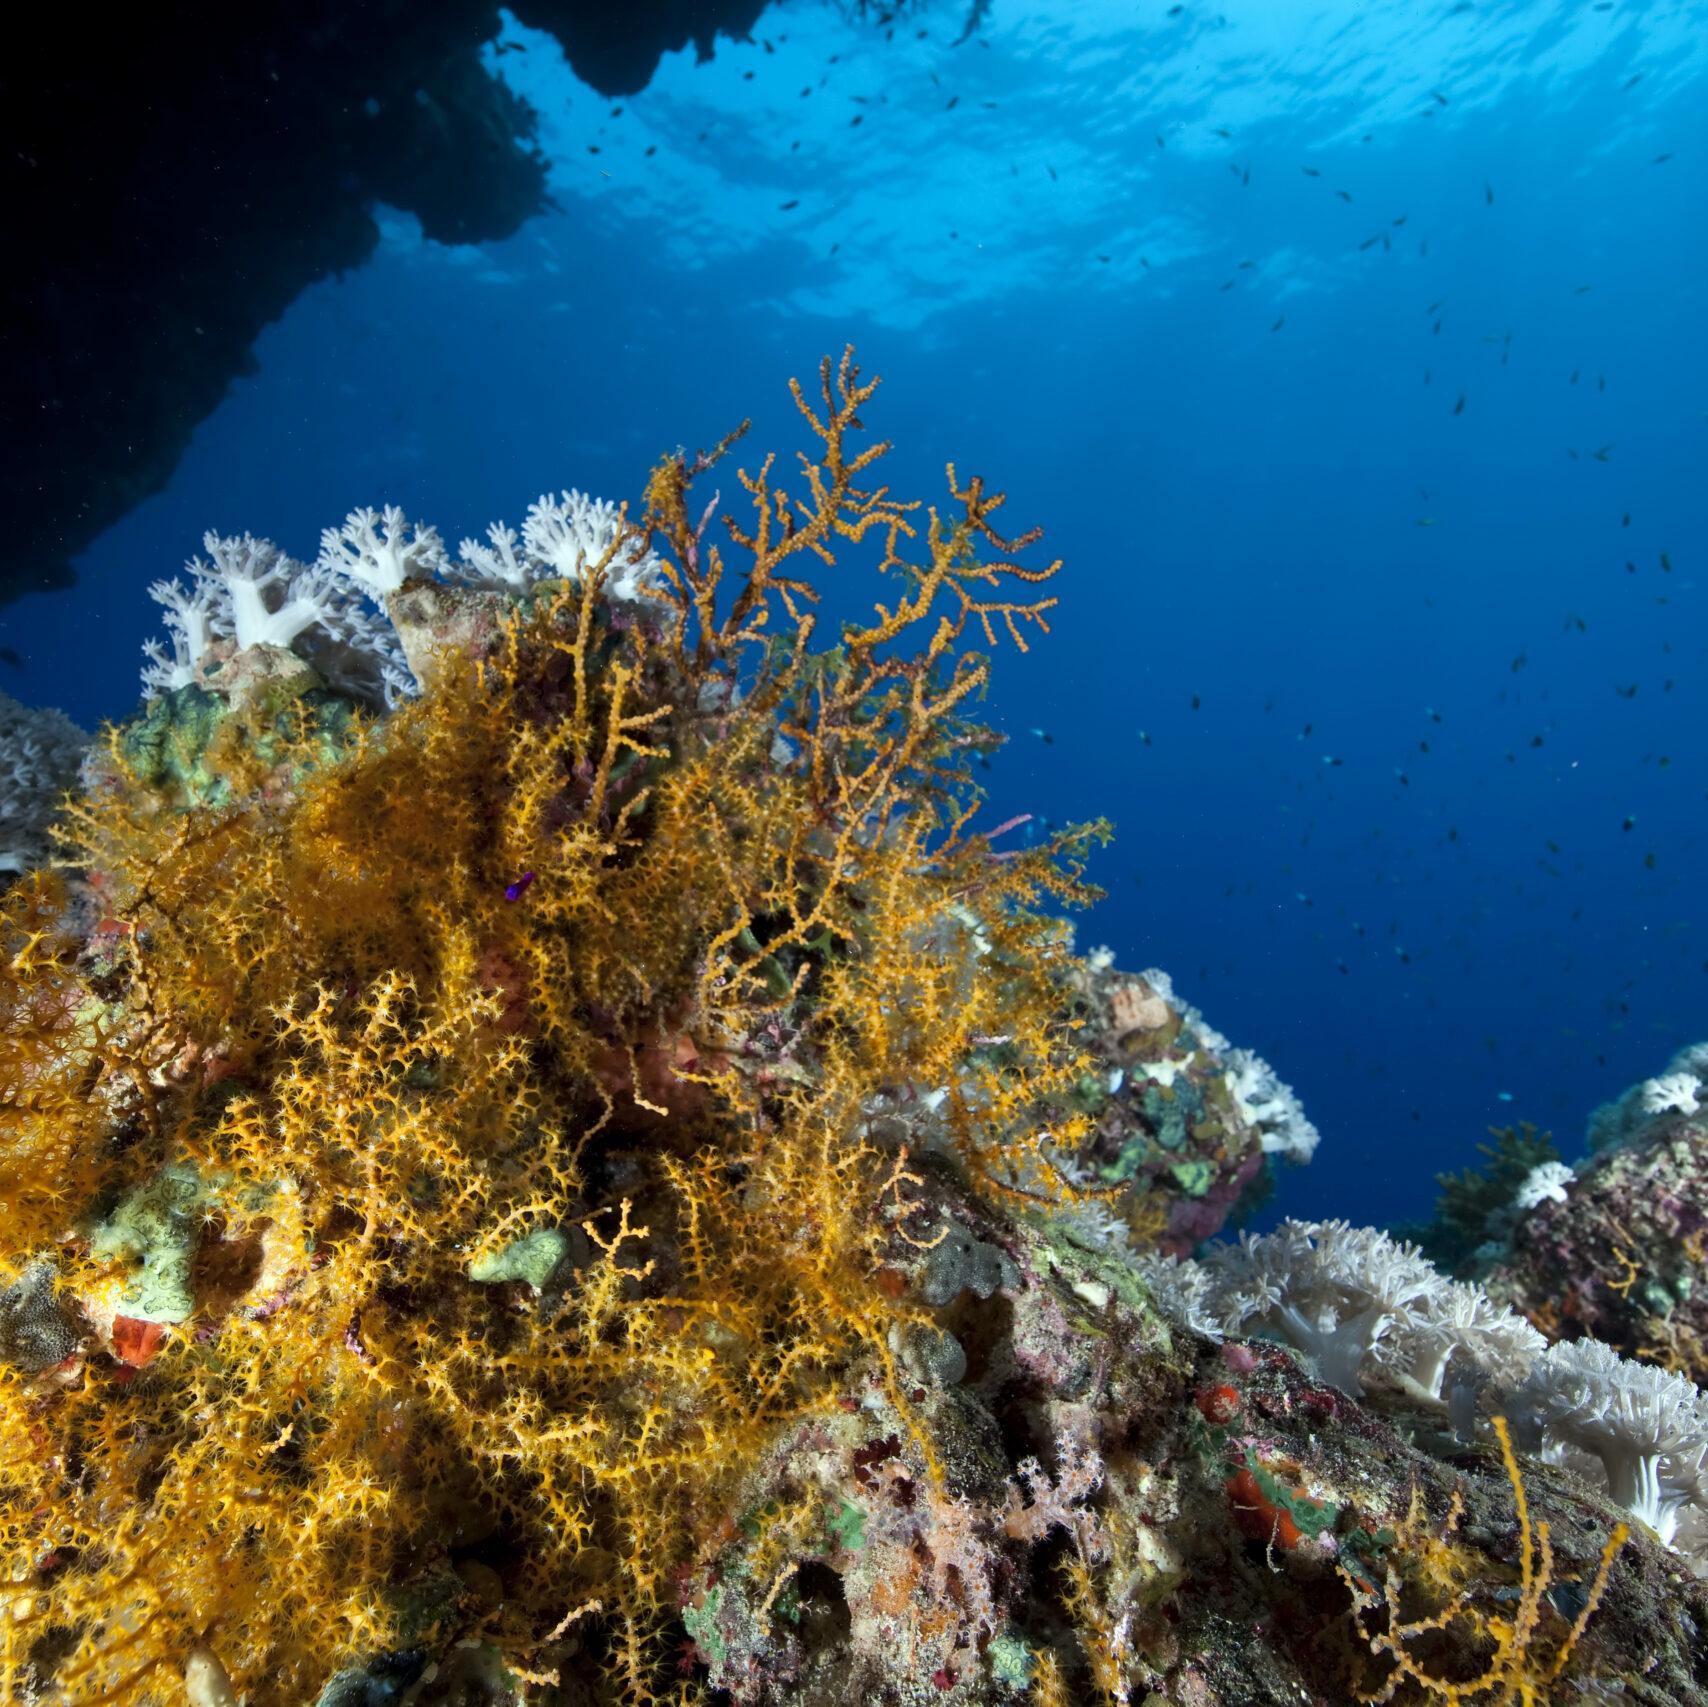 ein Korallenriff mit kleinen Fischen im blauen Hintergrund